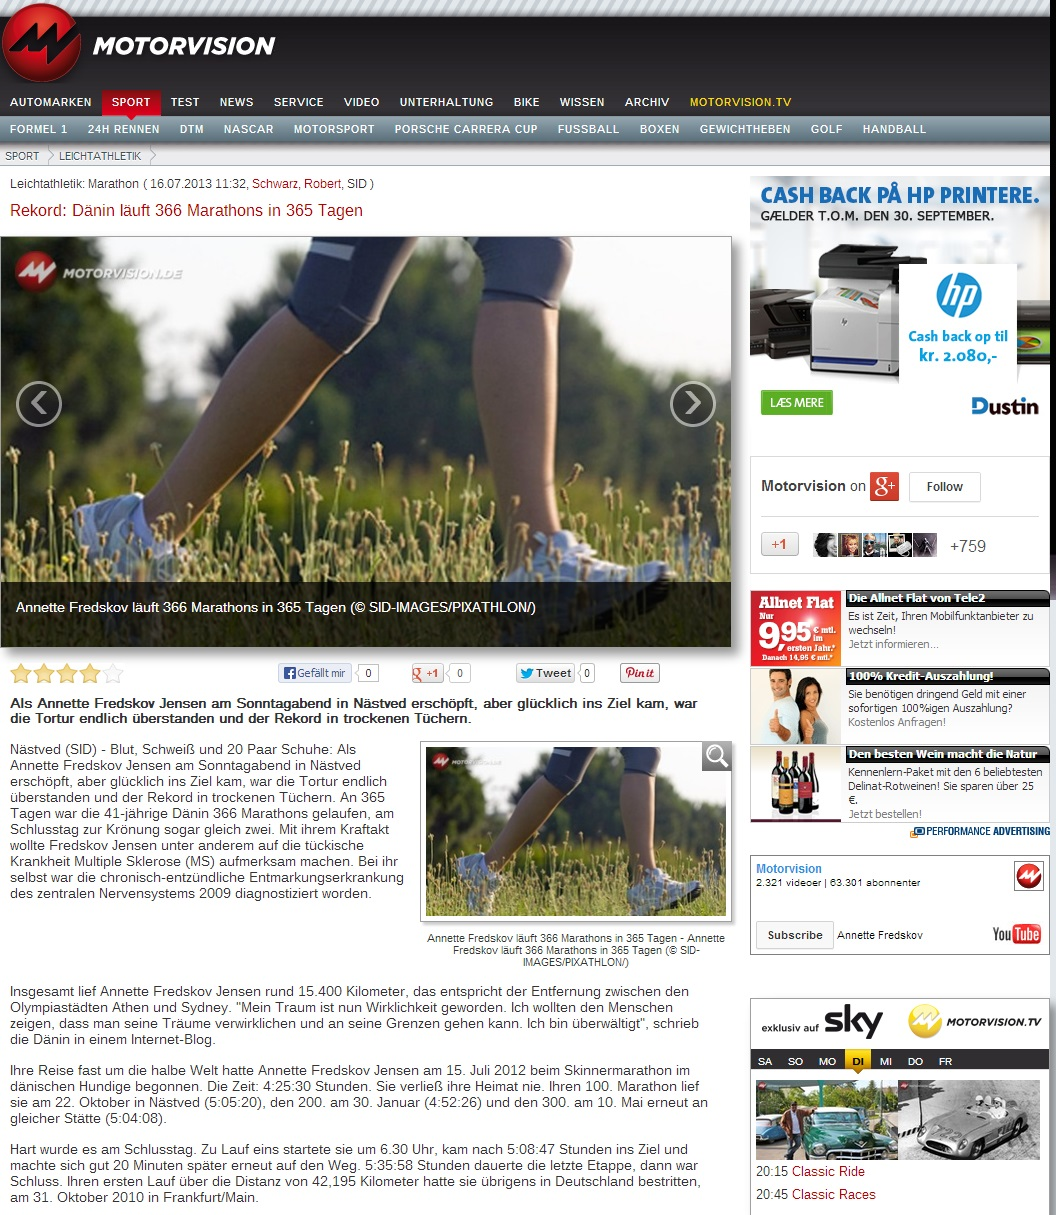 motorvision.de 2013.07.16 tysk